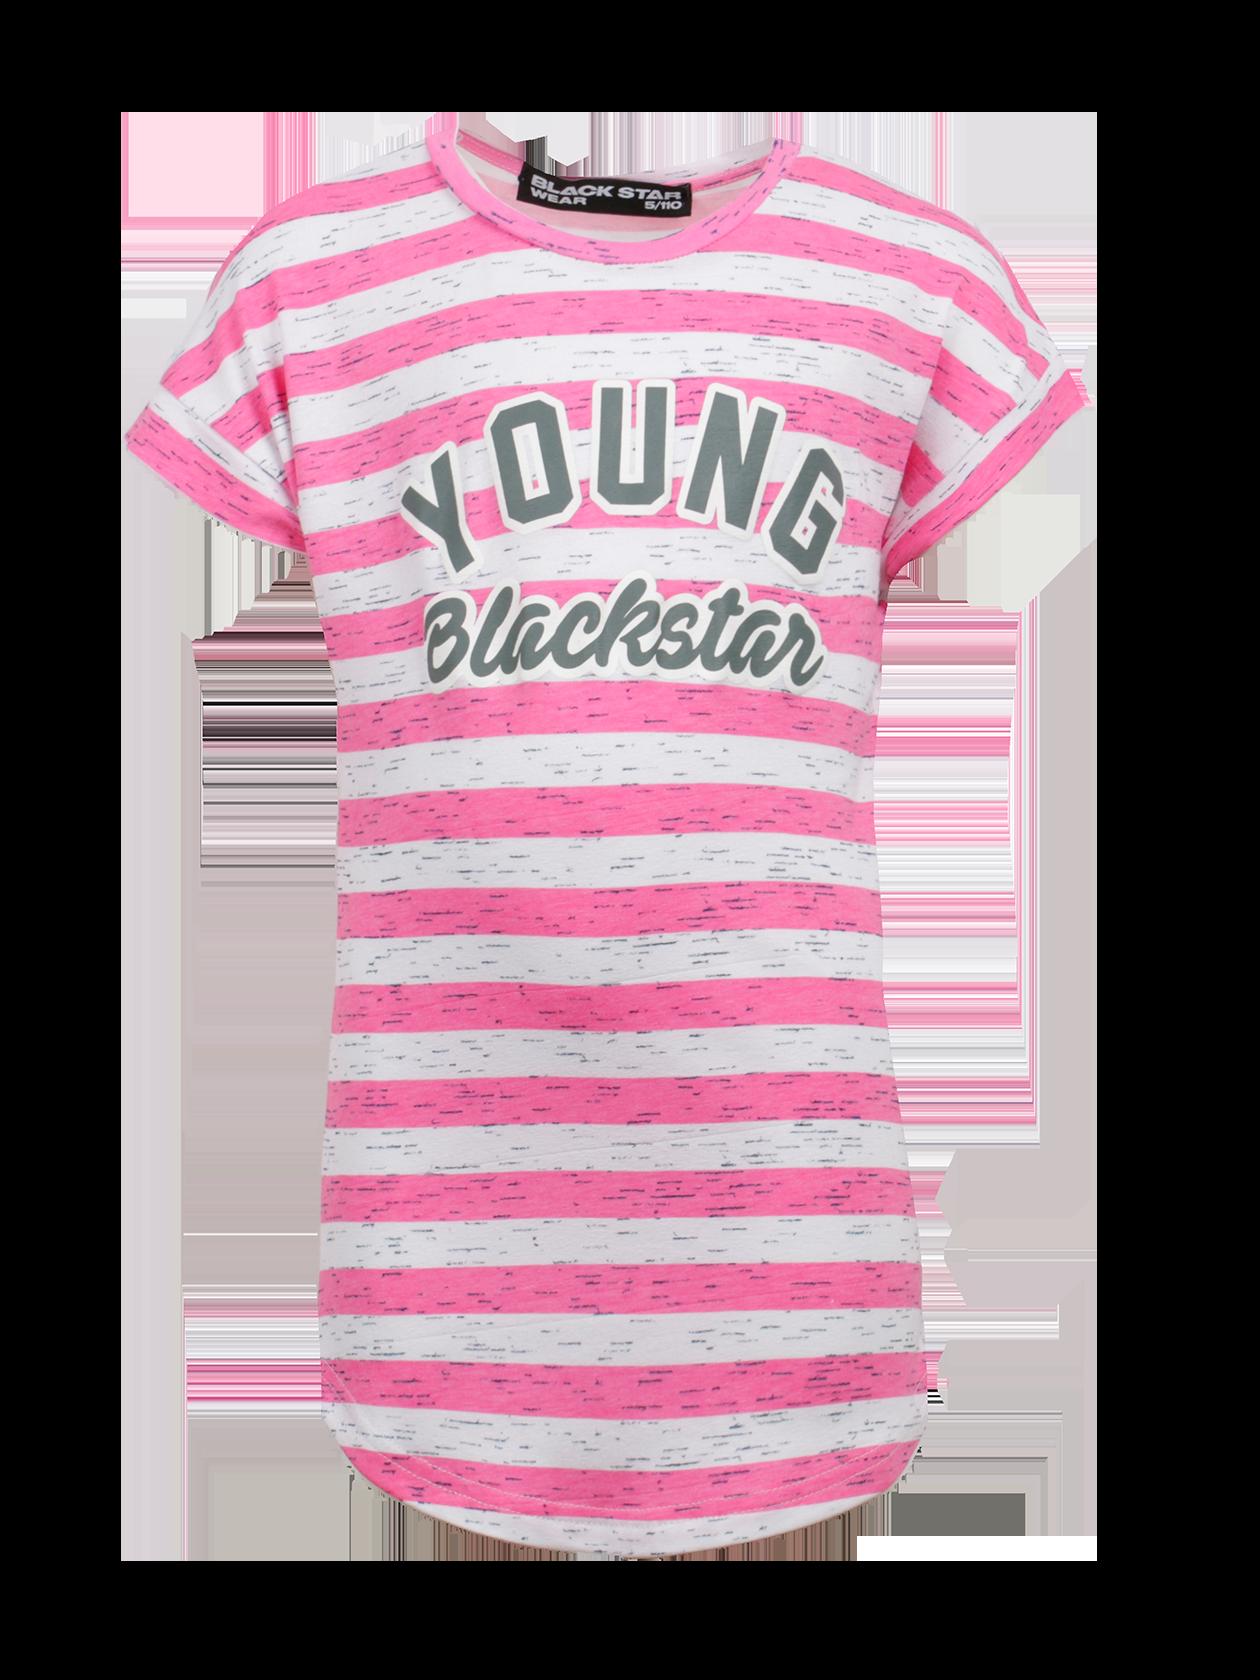 Туника детская PINK BEACH STARТуника детская Pink Beach Star – яркий тренд летнего сезона. Модель свободного кроя с коротким цельнокроеным рукавом и длиной до середины бедра. Модная расцветка в серо-розовую полоску выделит ребенка среди сверстников. Круглая горловина с обтачкой из основного материала и жаккардовым лейблом Black Star Wear внутри. Край низа слегка закруглен. На груди крупная надпись Young Black Star. Туника изготовлена из высококачественного натурального хлопка, обеспечивающего комфорт во время движения. Может использоваться в качестве самостоятельной вещи или в комплекте с леггинсами.<br><br>Размер: 9-10 years<br>Цвет: Розовый/Белый<br>Пол: Унисекс